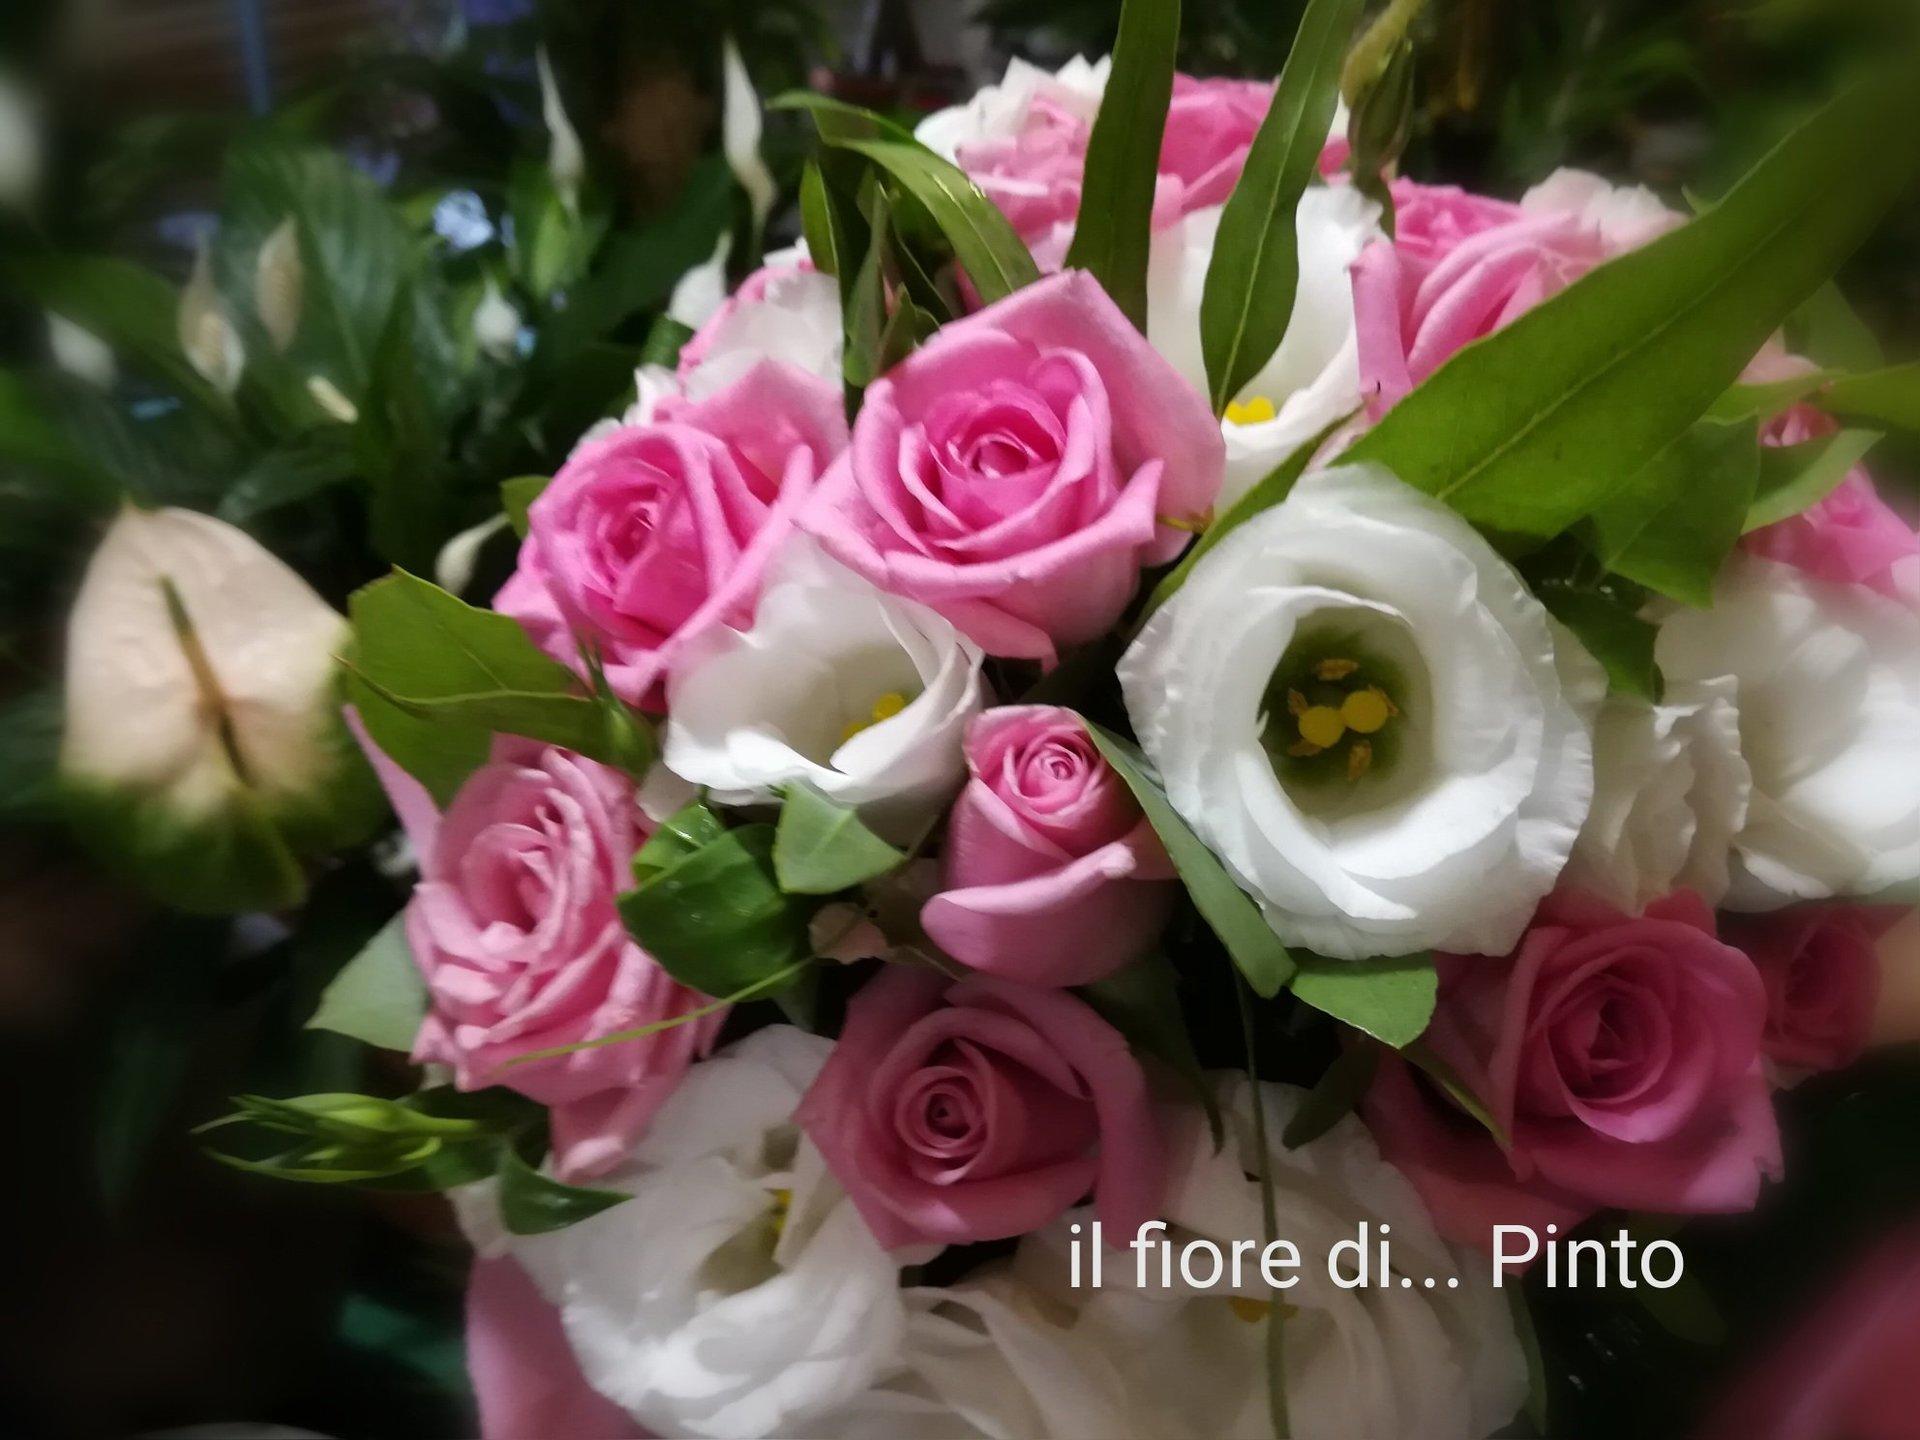 Bouquet di rose bianche e rose